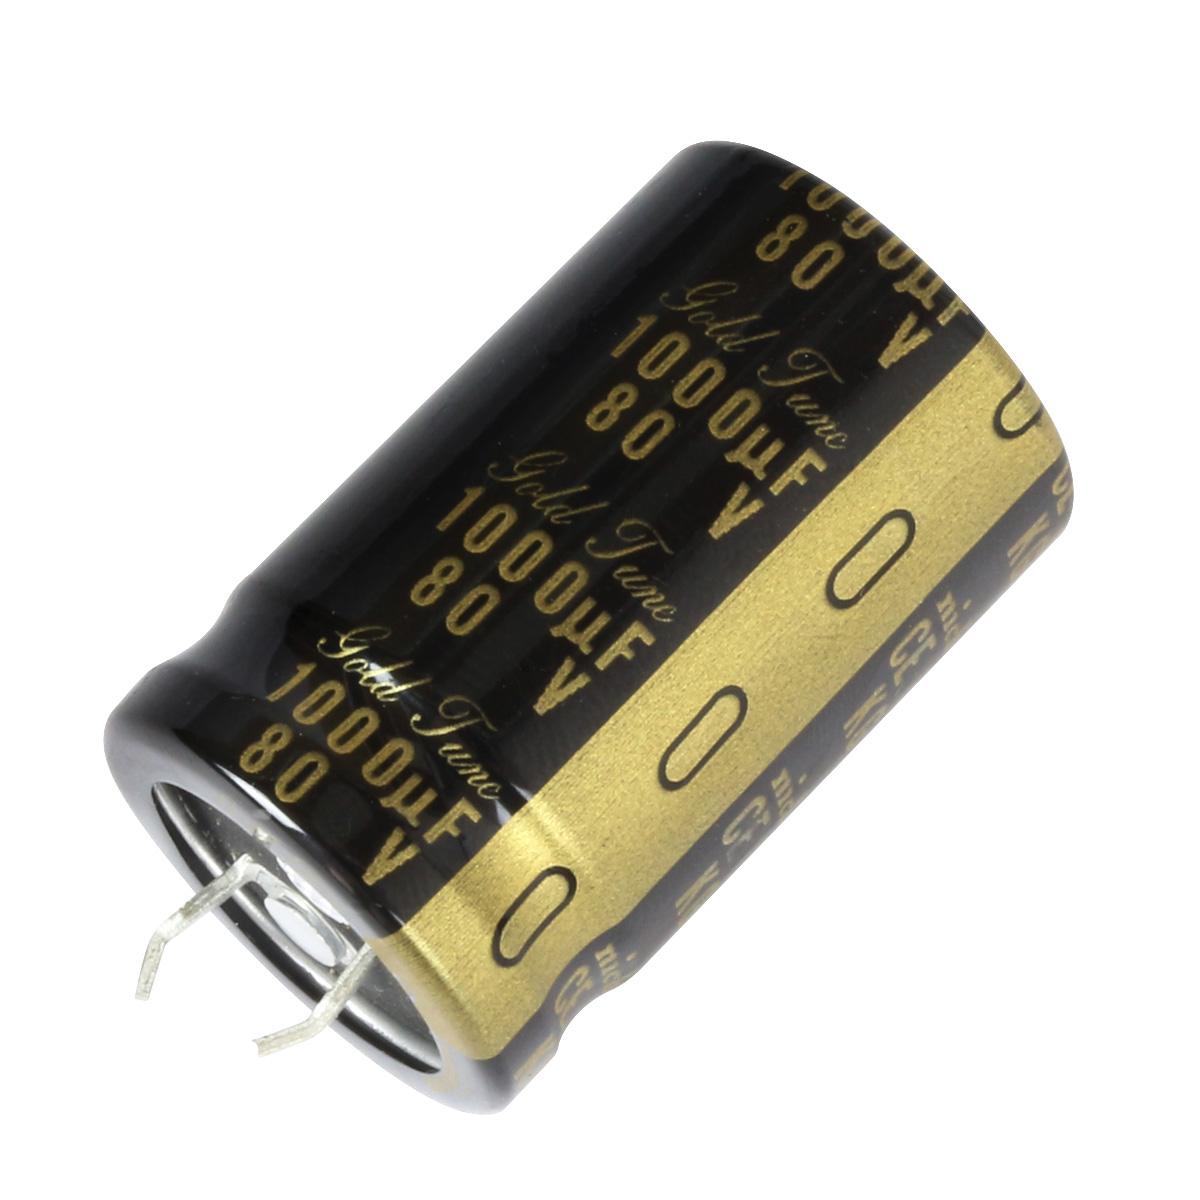 NICHICON KG GOLD TUNE HiFi Audio Capacitor 80V 1000μF